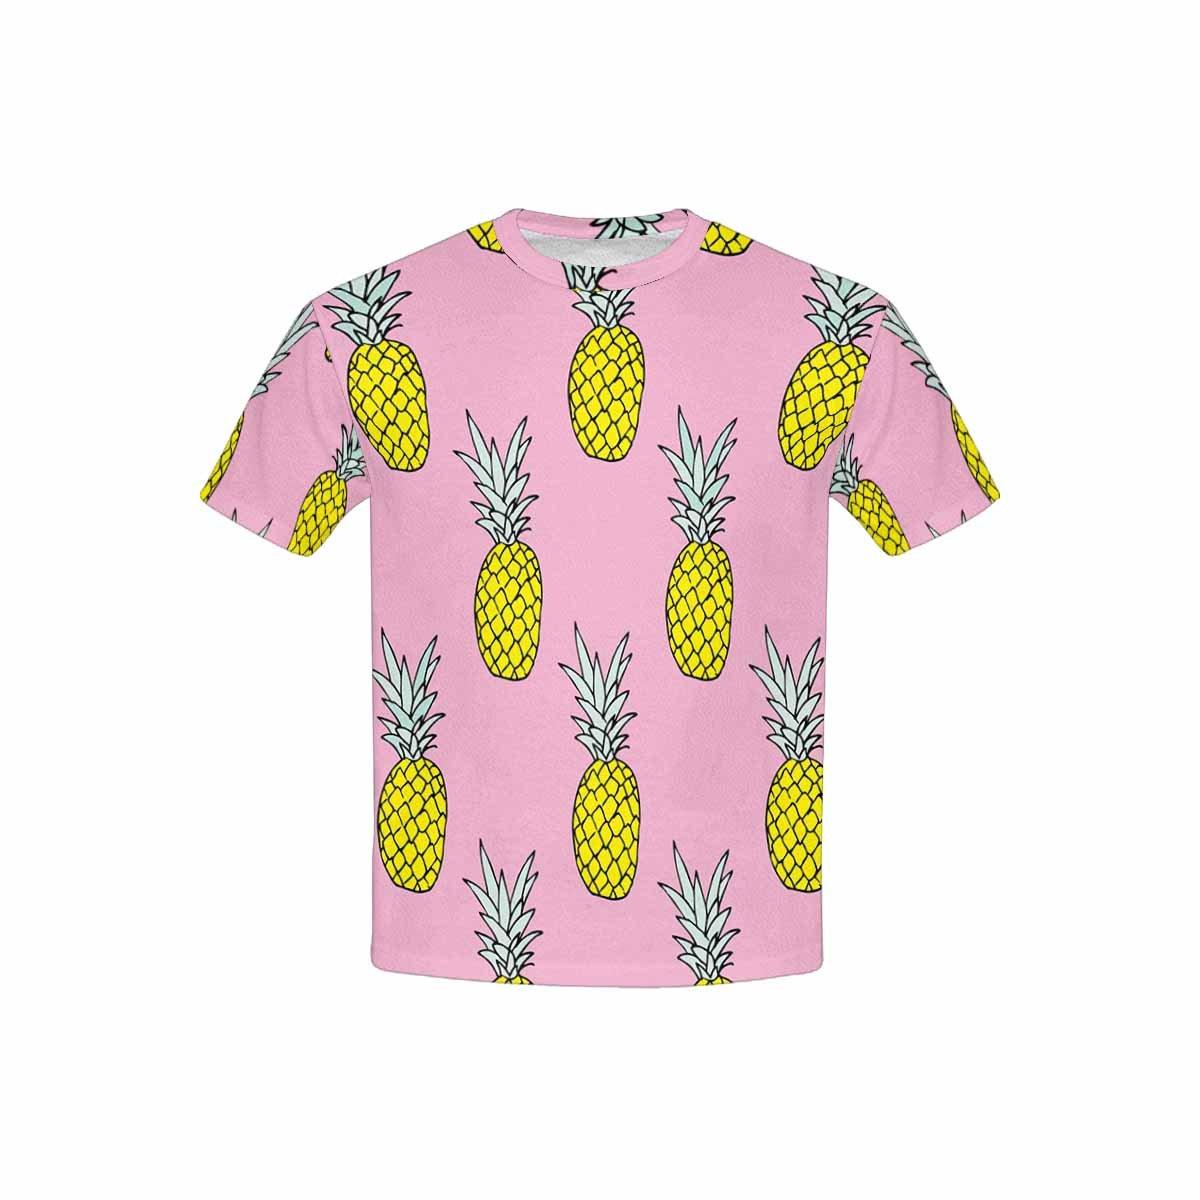 XS-XL INTERESTPRINT Kids T-Shirts Summer Pineapple Fruit